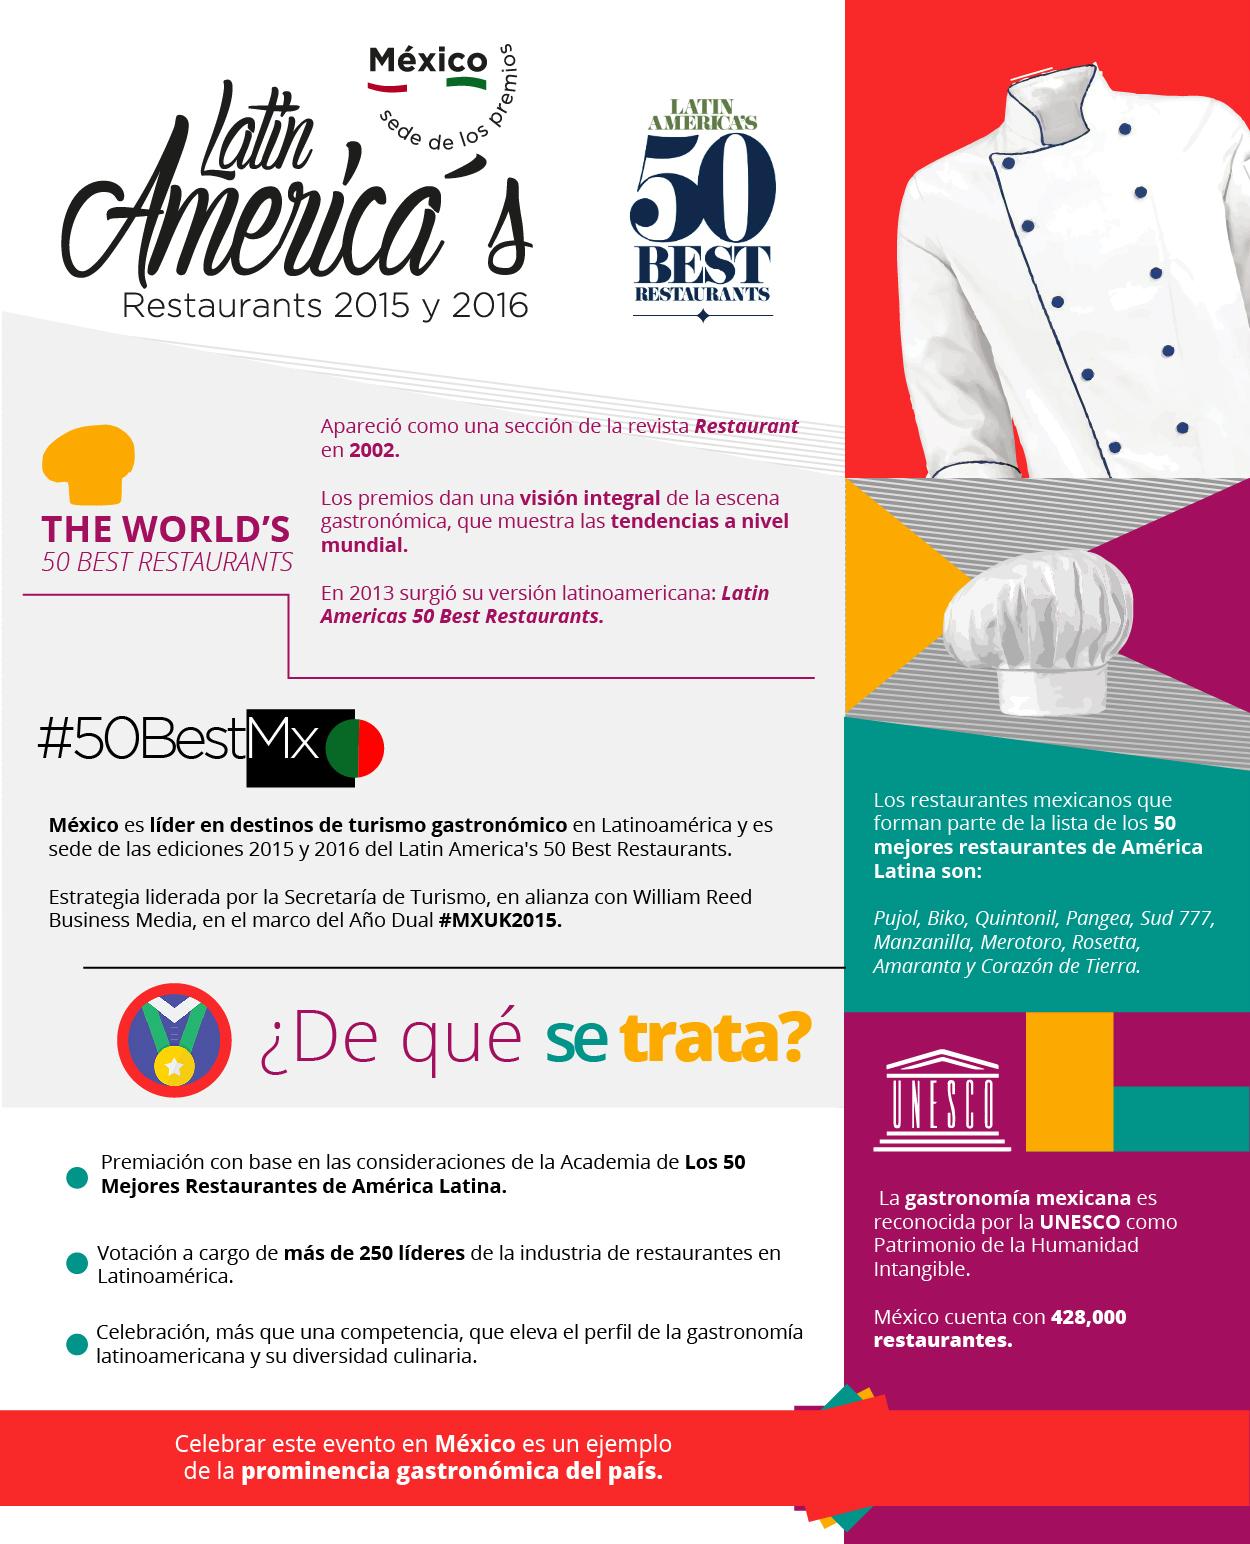 bestmx gastronomia mexicana londresjpg